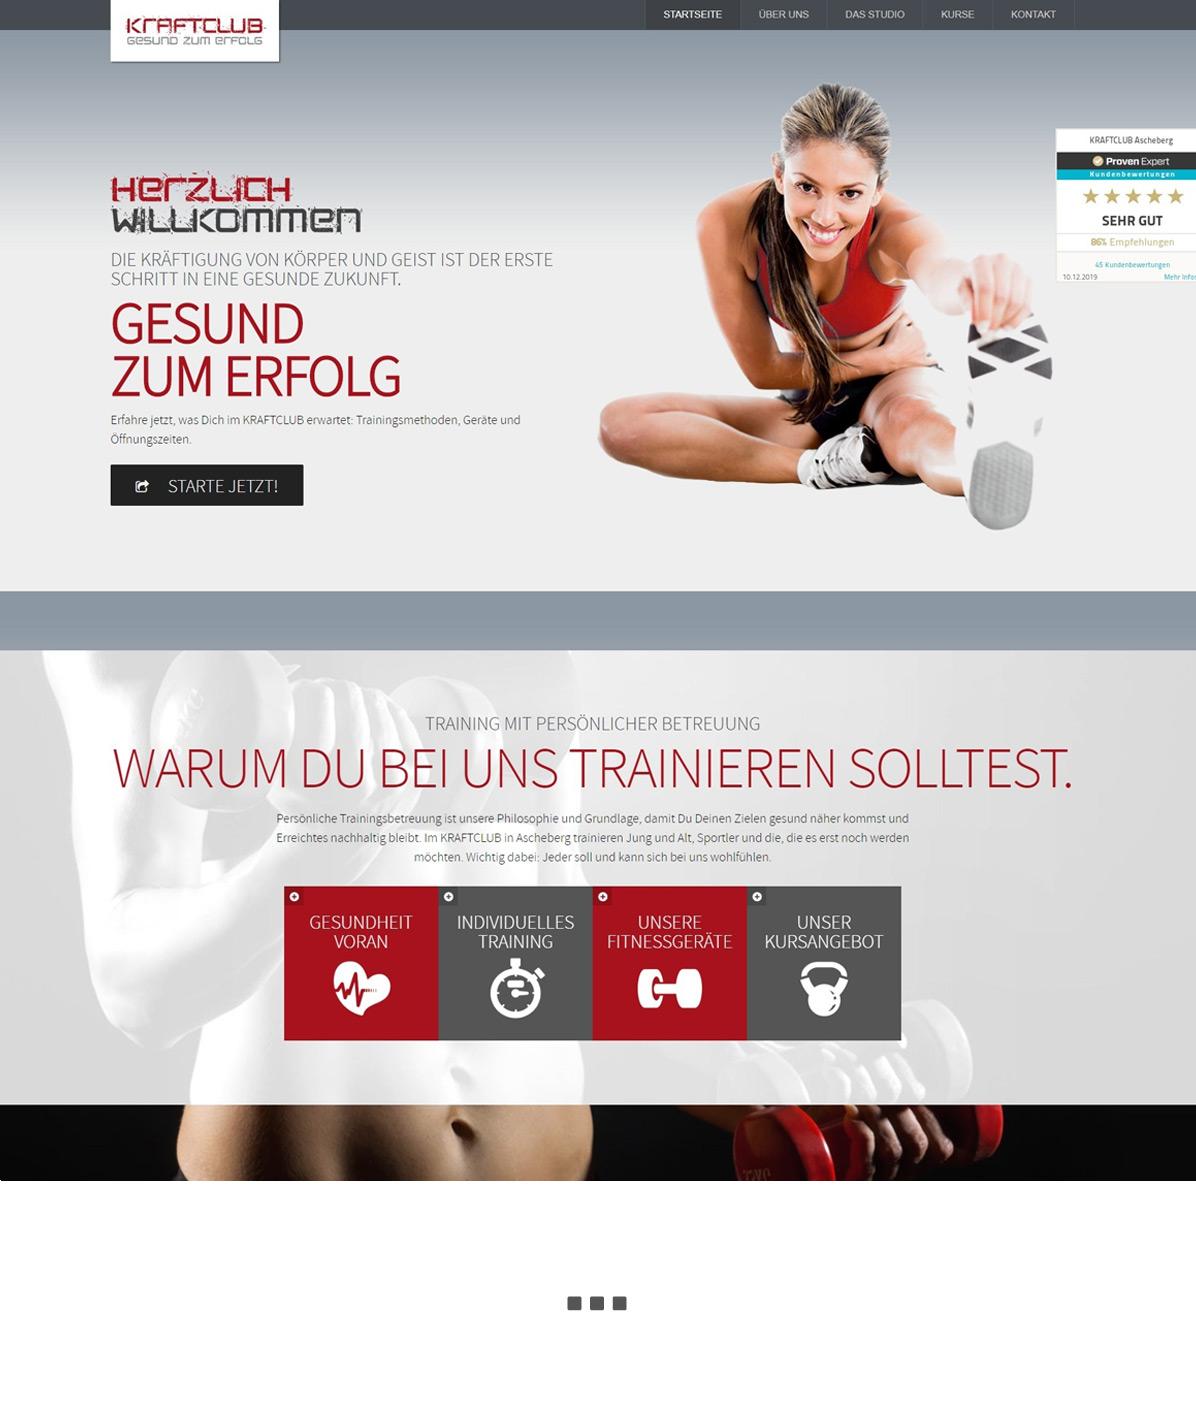 Neue Webseite für Fitnessstudio erstellt